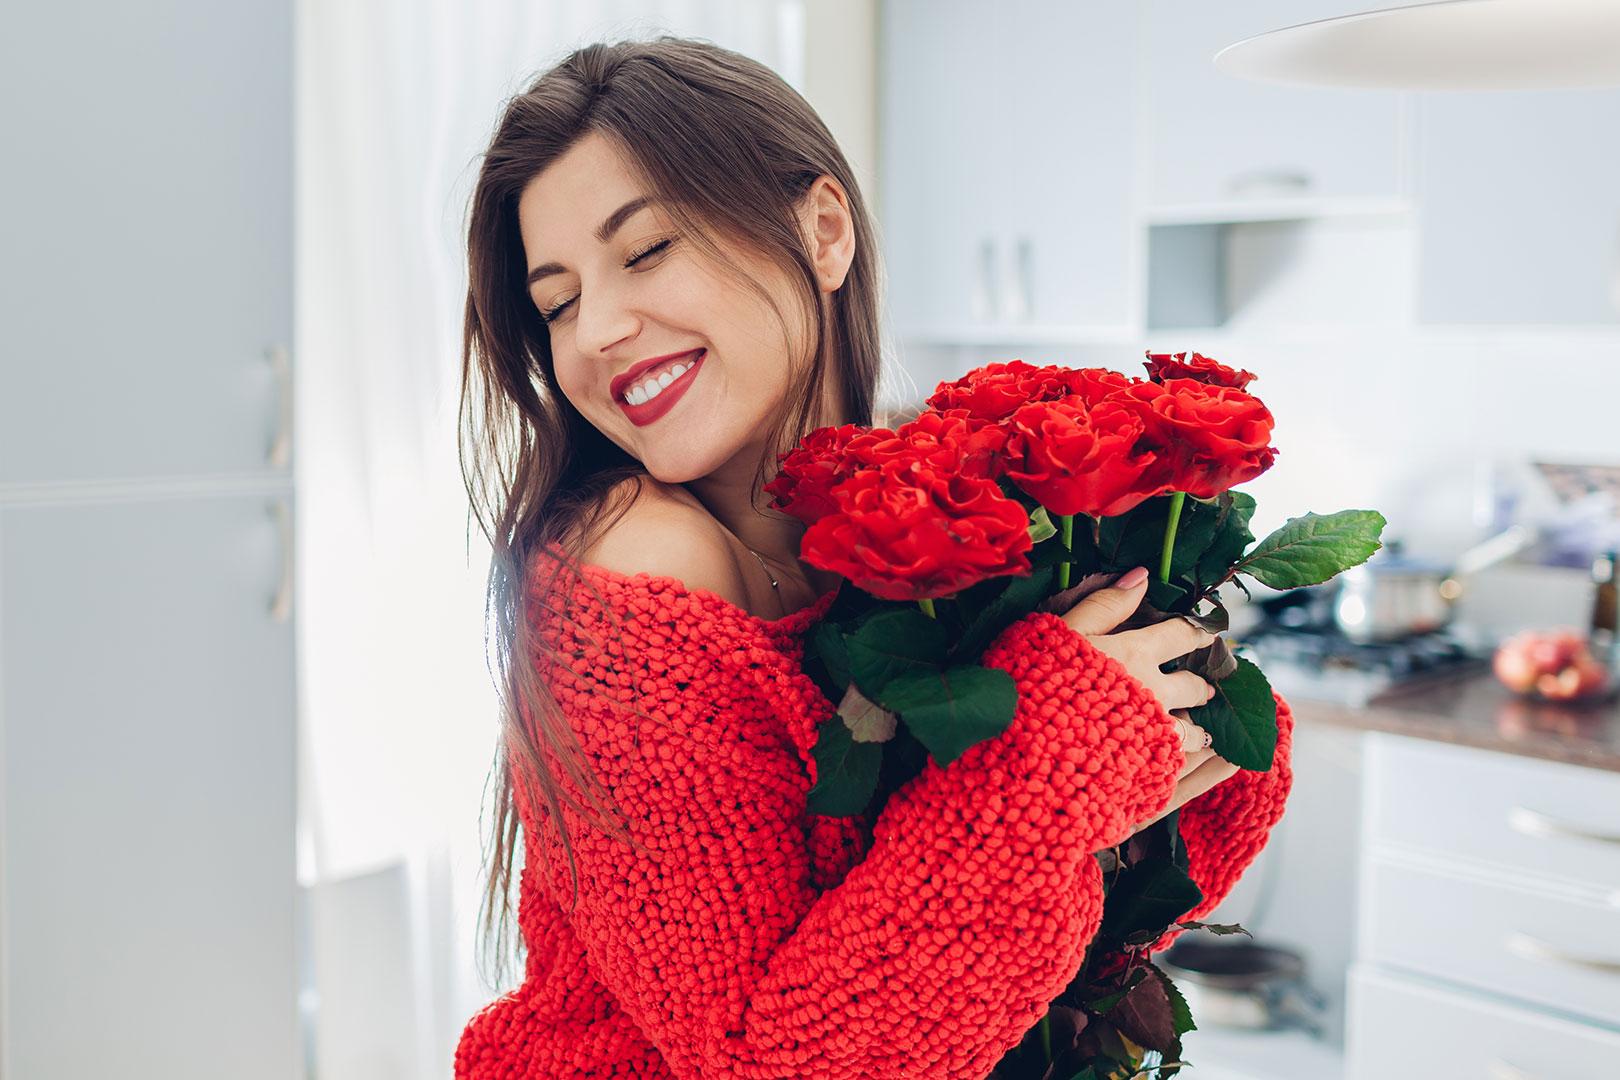 Einfach mal wieder Blumen verschenken